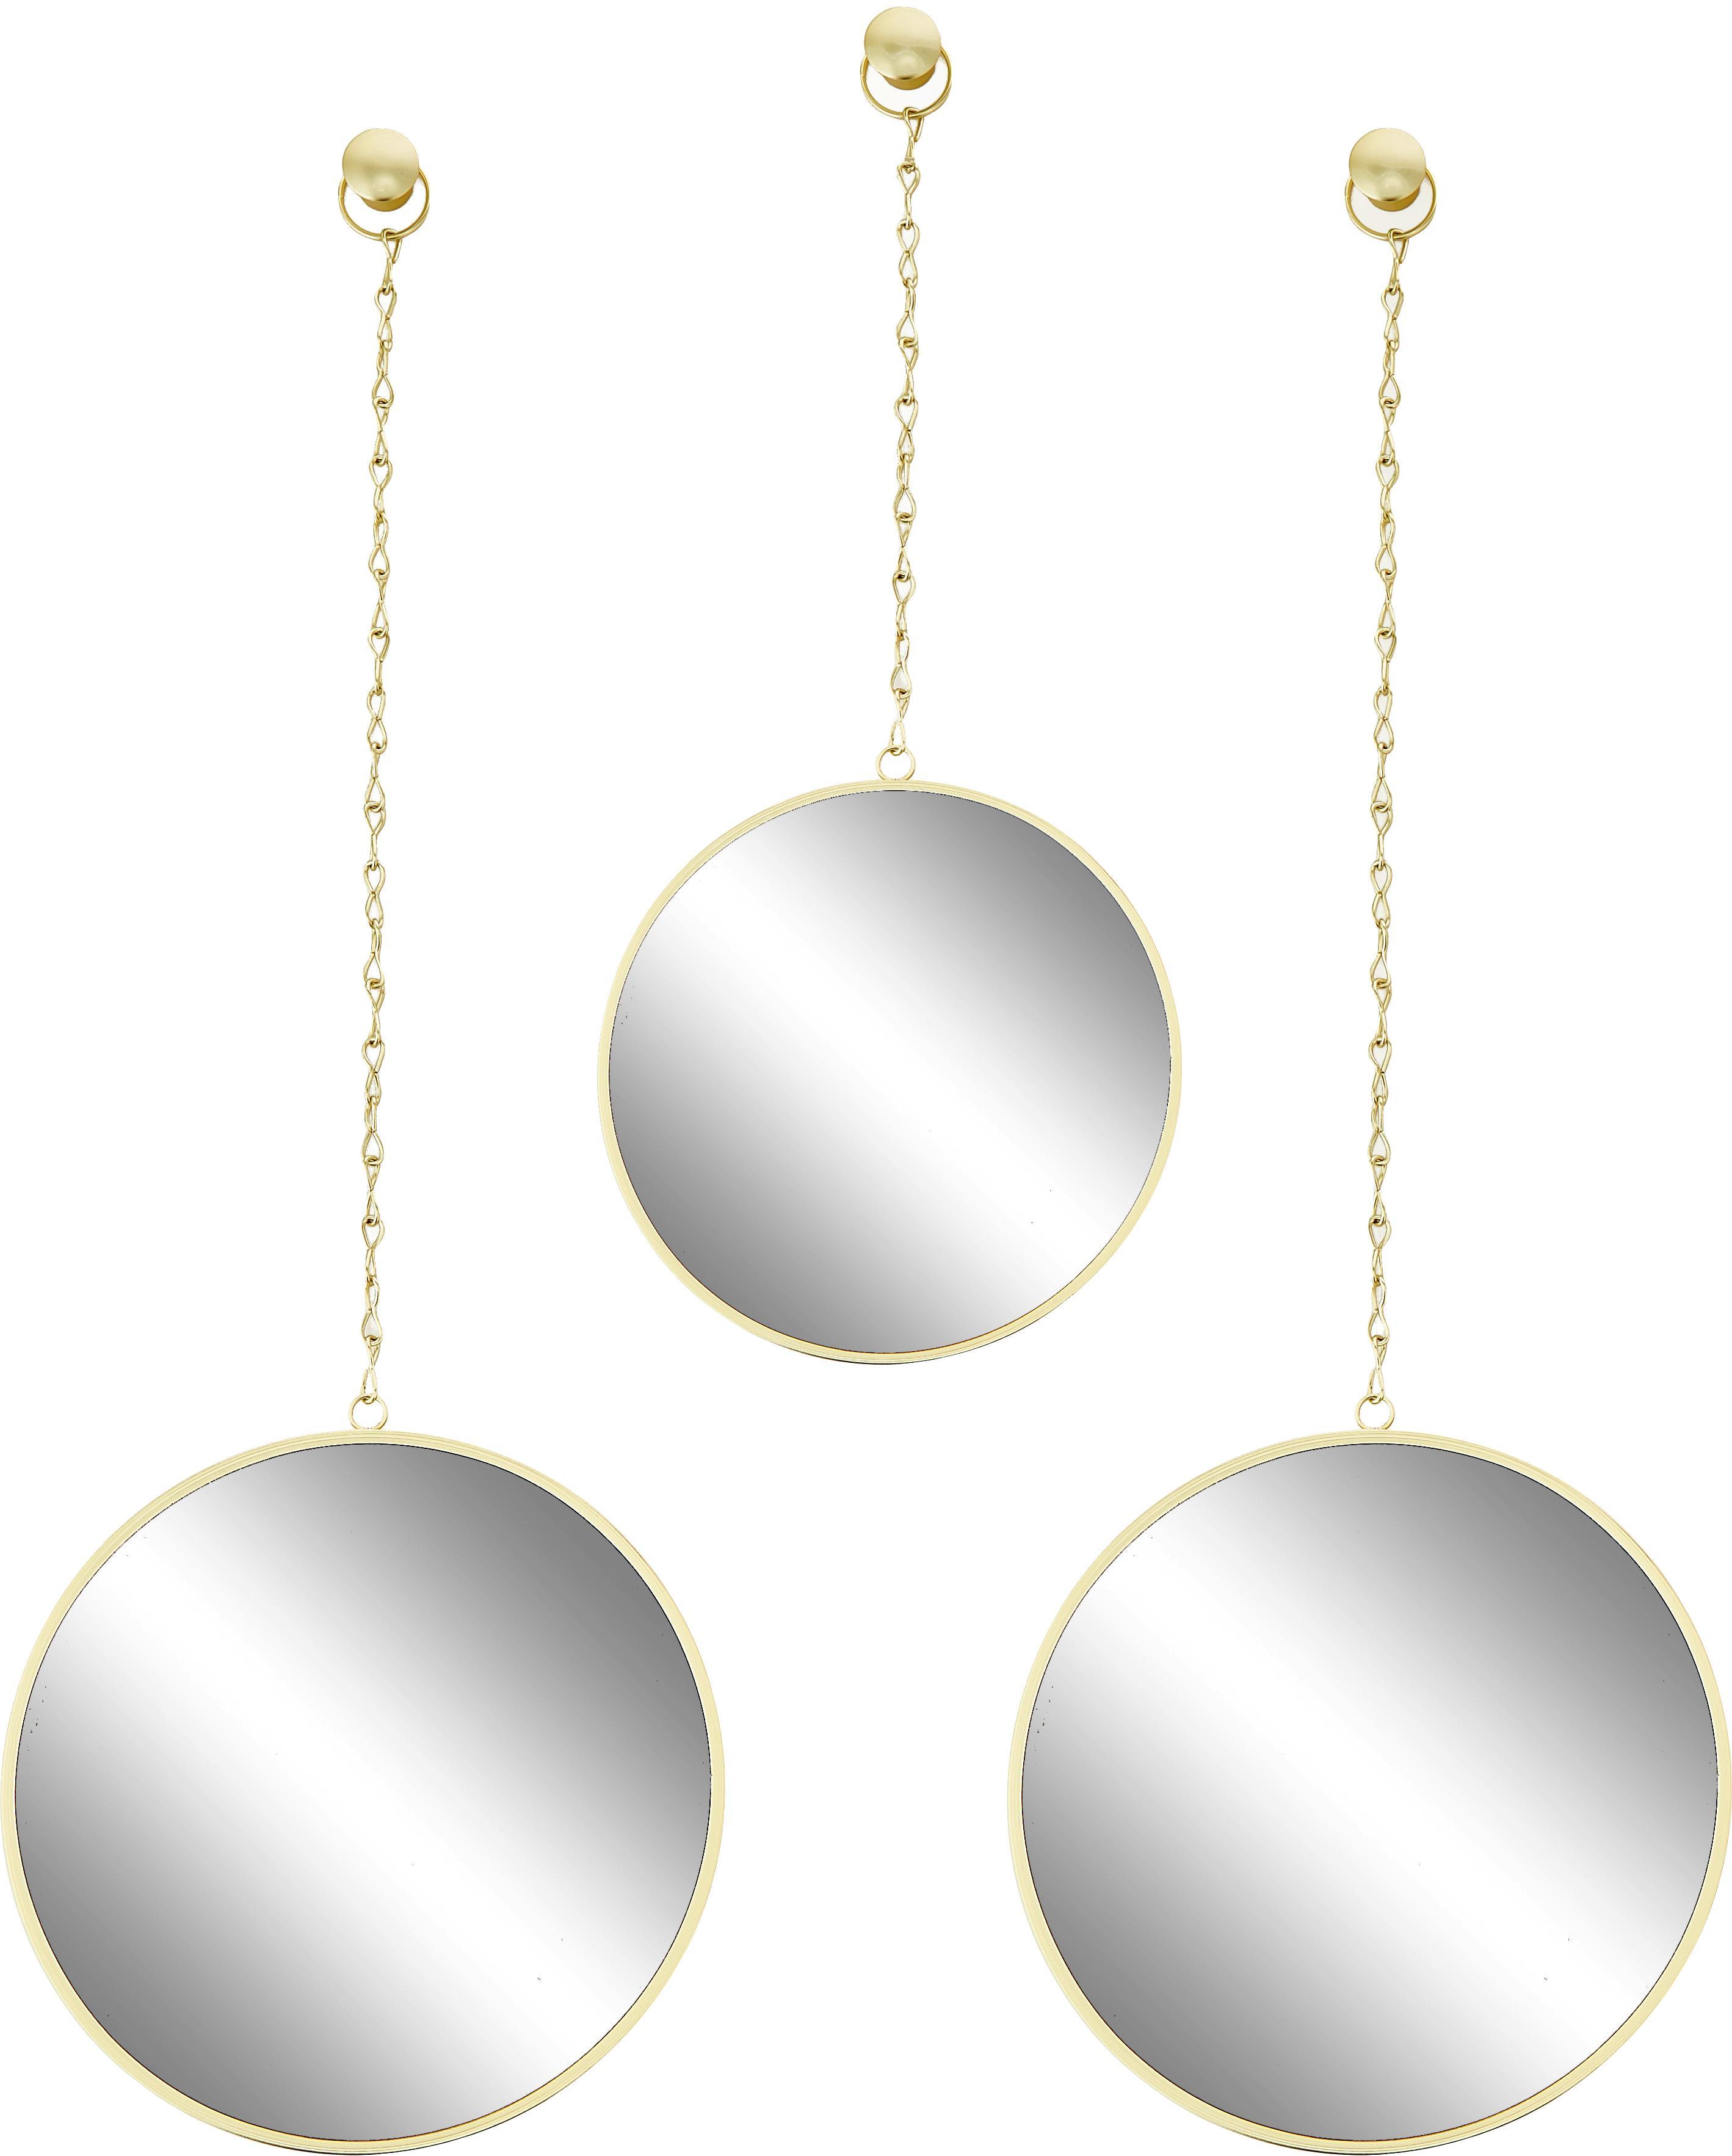 Wandspiegel-Set Dima, 3-tlg., Rahmen: Metall, beschichtet, Spiegelfläche: Spiegelglas, Goldfarben, Verschiedene Grössen